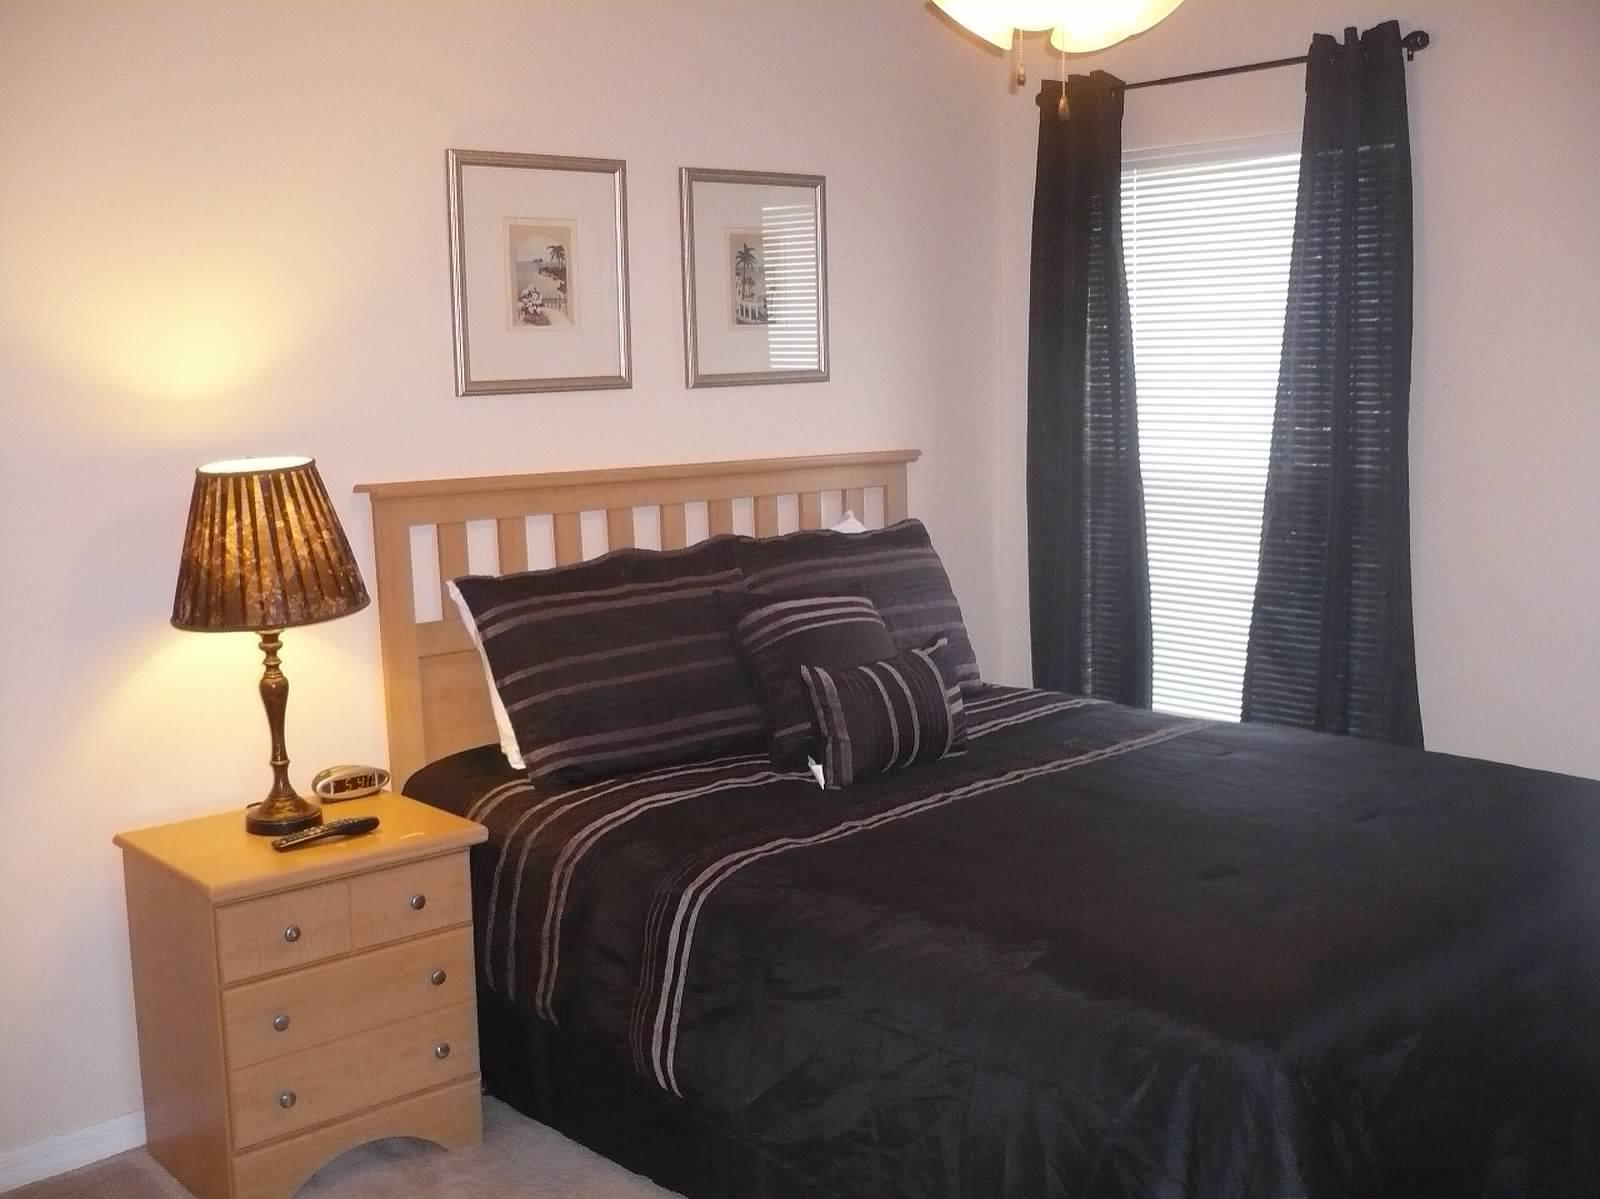 Bedroom-2 Queen bed, dresser, TV